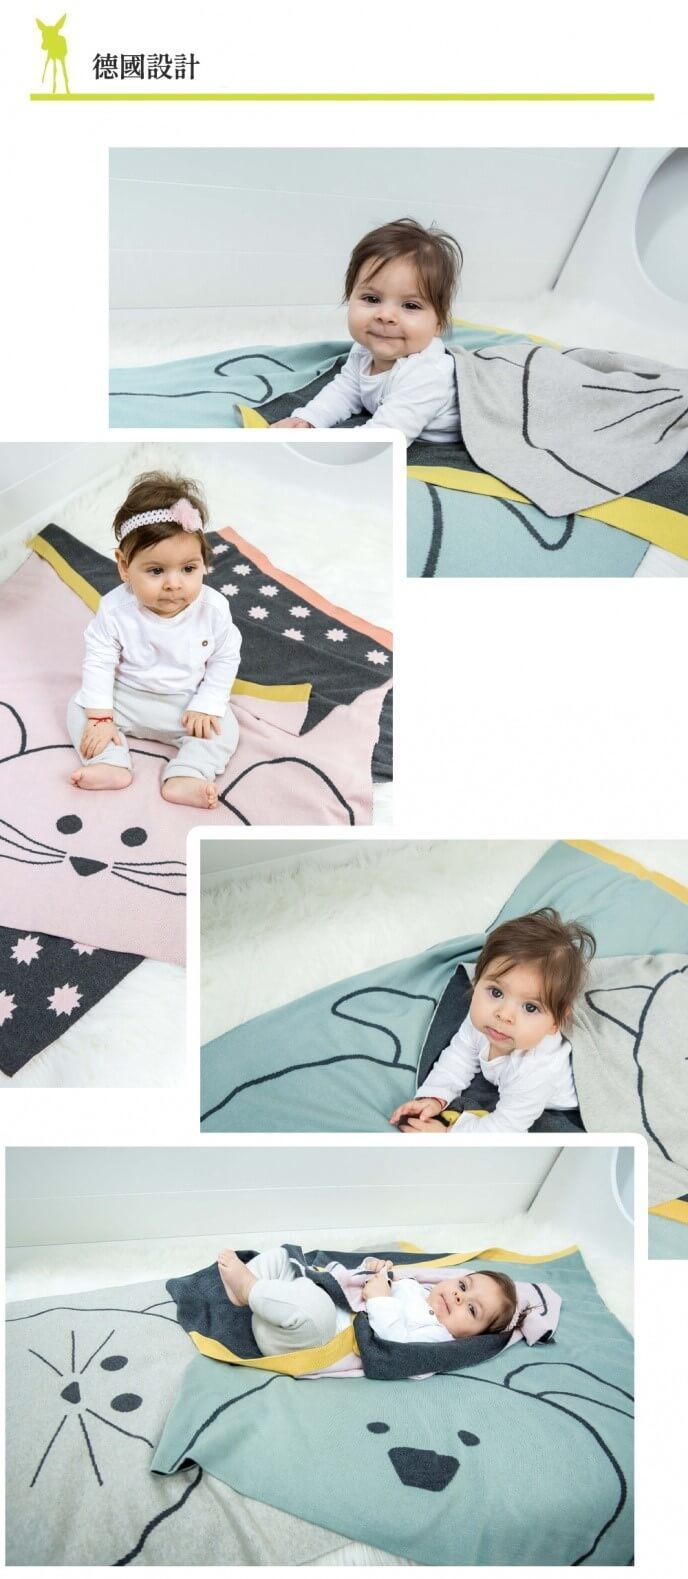 LASSIG來自德國,有機棉嬰兒毯均經GOTS認證,真正100%有機棉。安全無毒,質地親膚柔保暖,讓寶寶用起來舒適又安全,可當秋冬毯或日常遊戲毯。